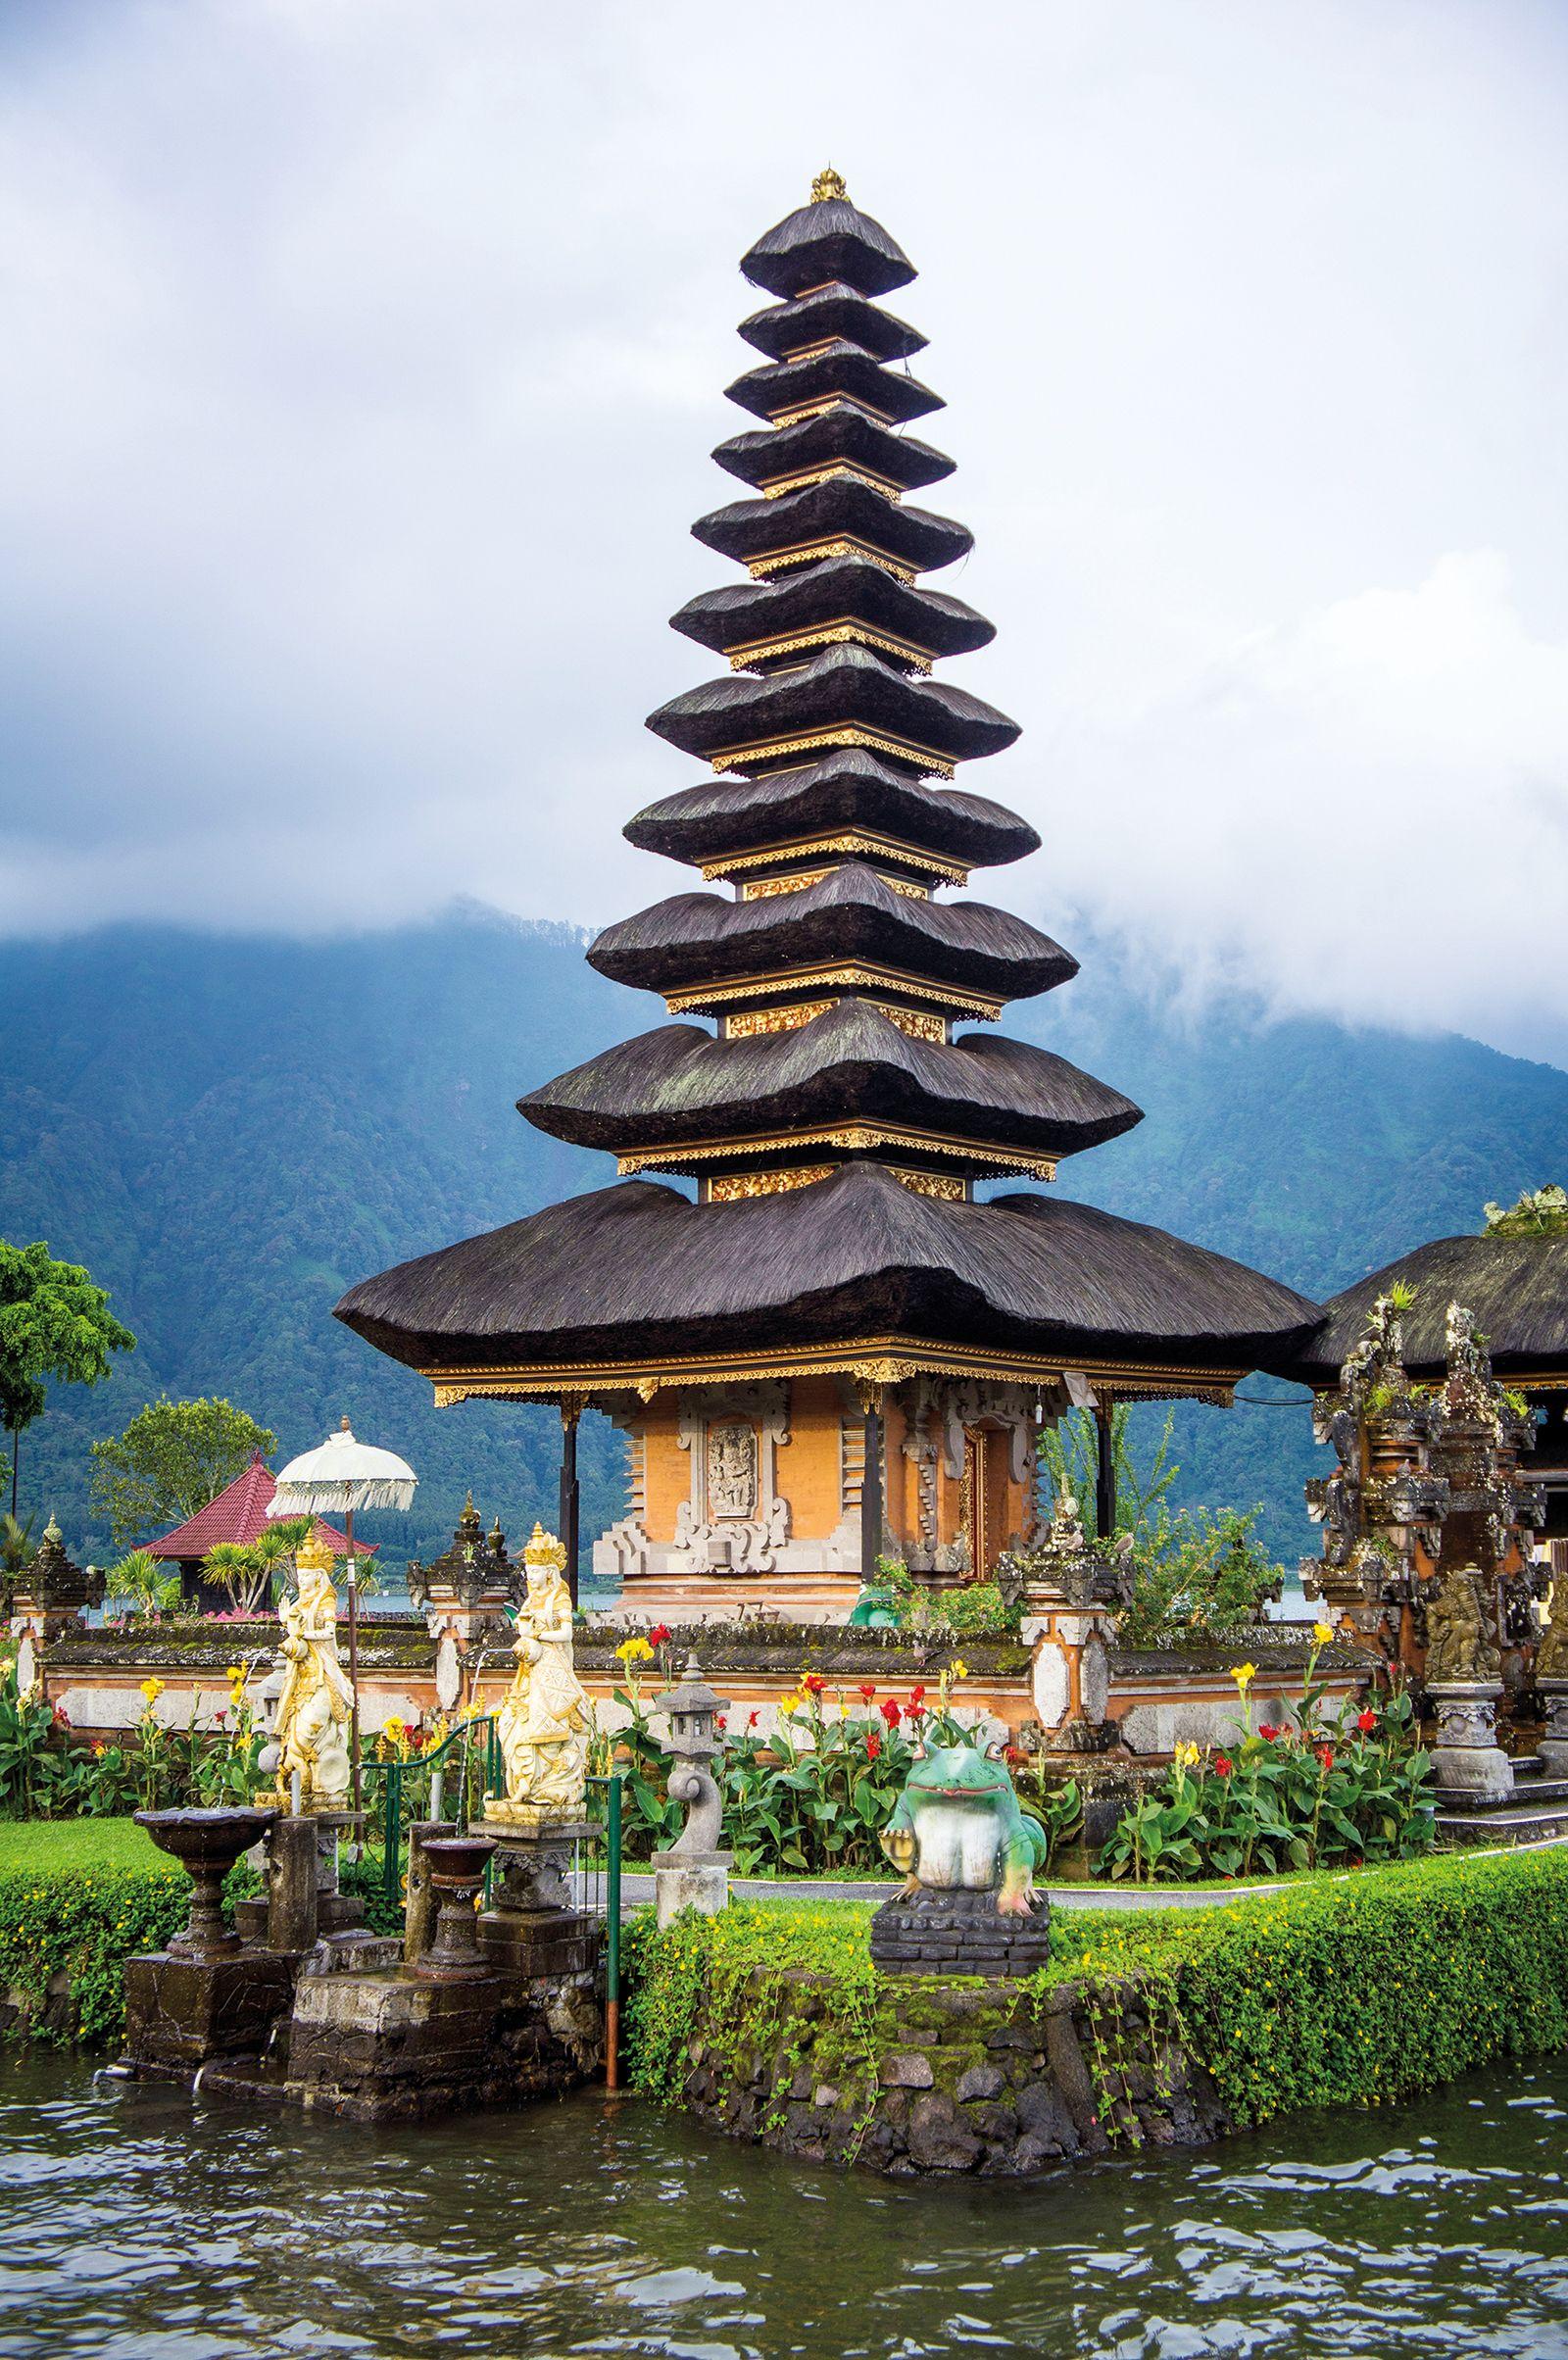 indonesien rundreise gruppe oder privat bali dreams. Black Bedroom Furniture Sets. Home Design Ideas